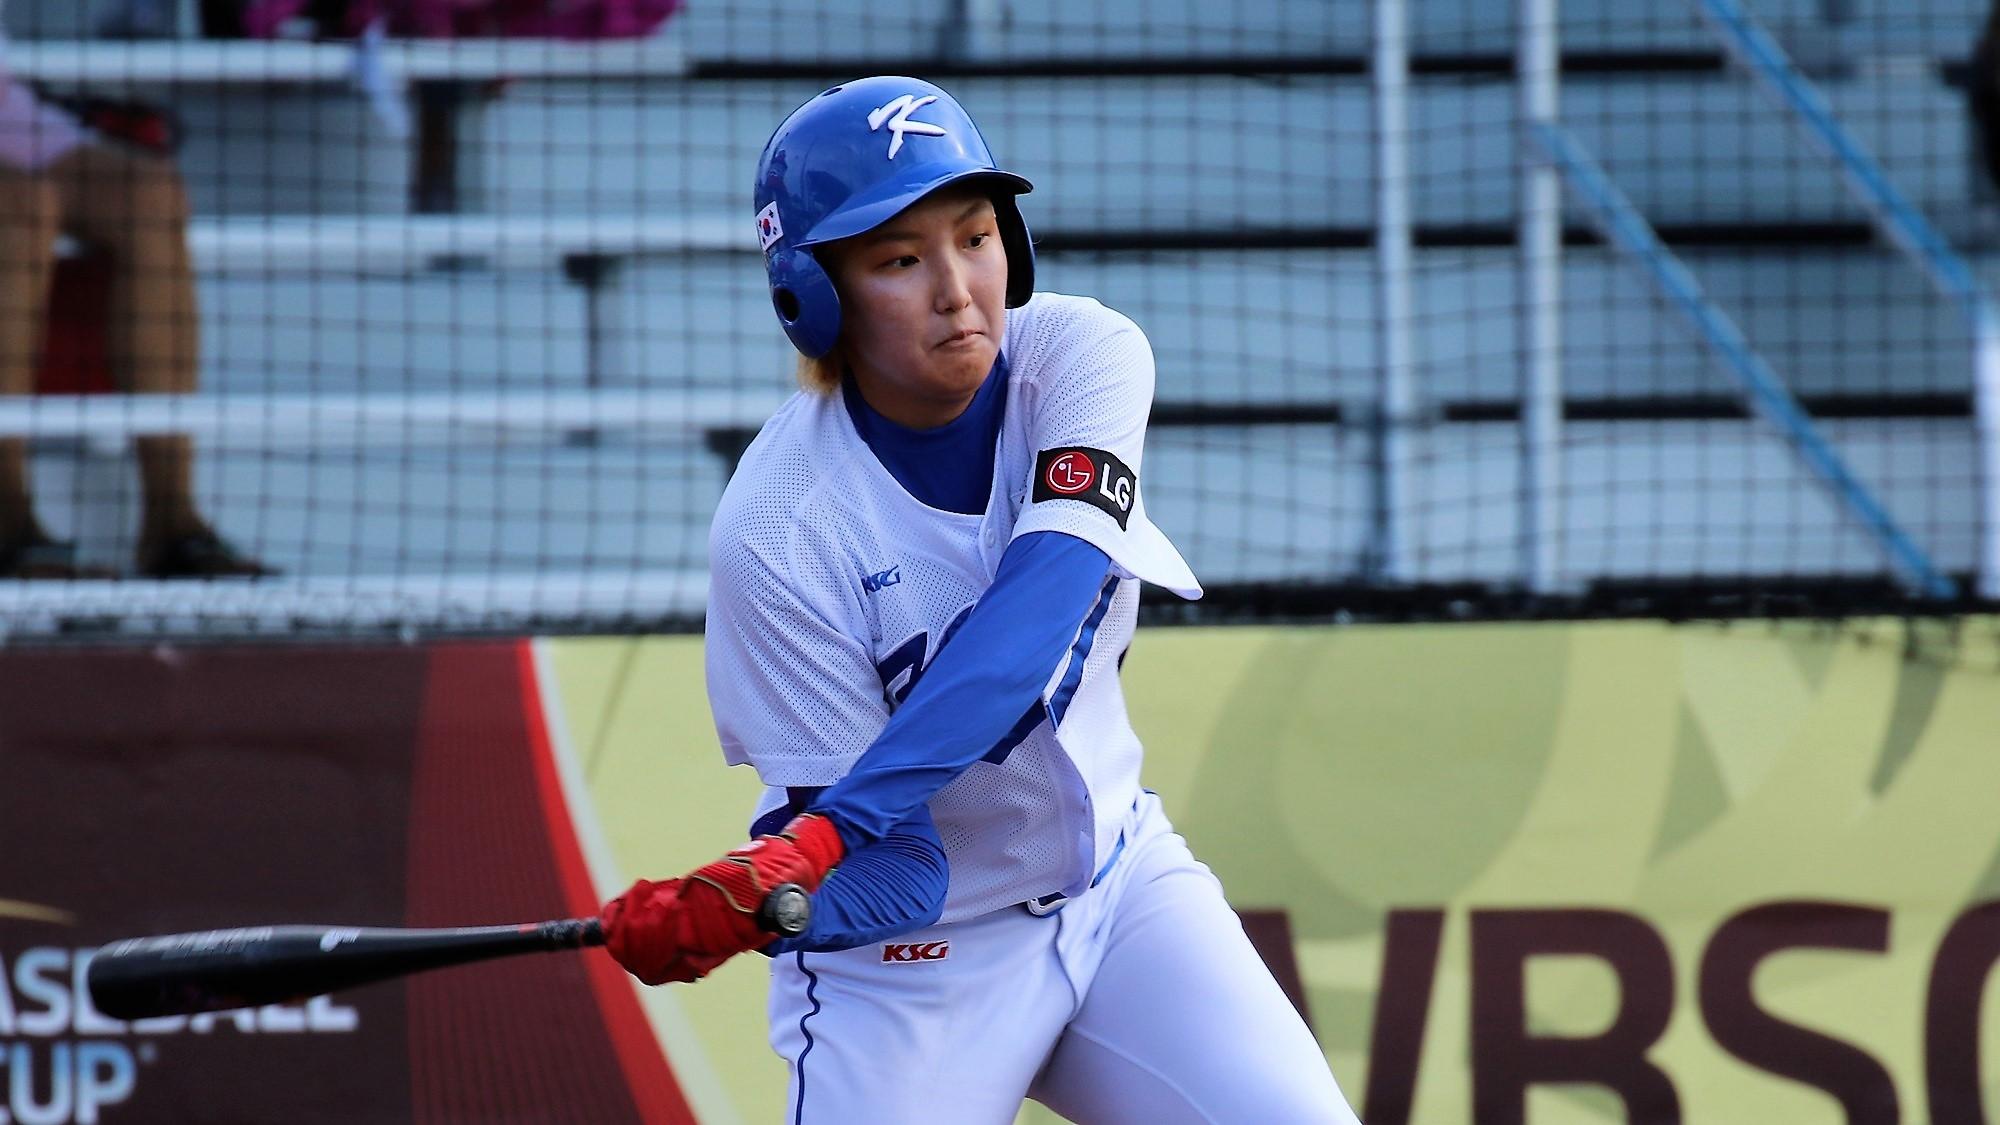 Han Jiyoom of Korea at bat against Cuba